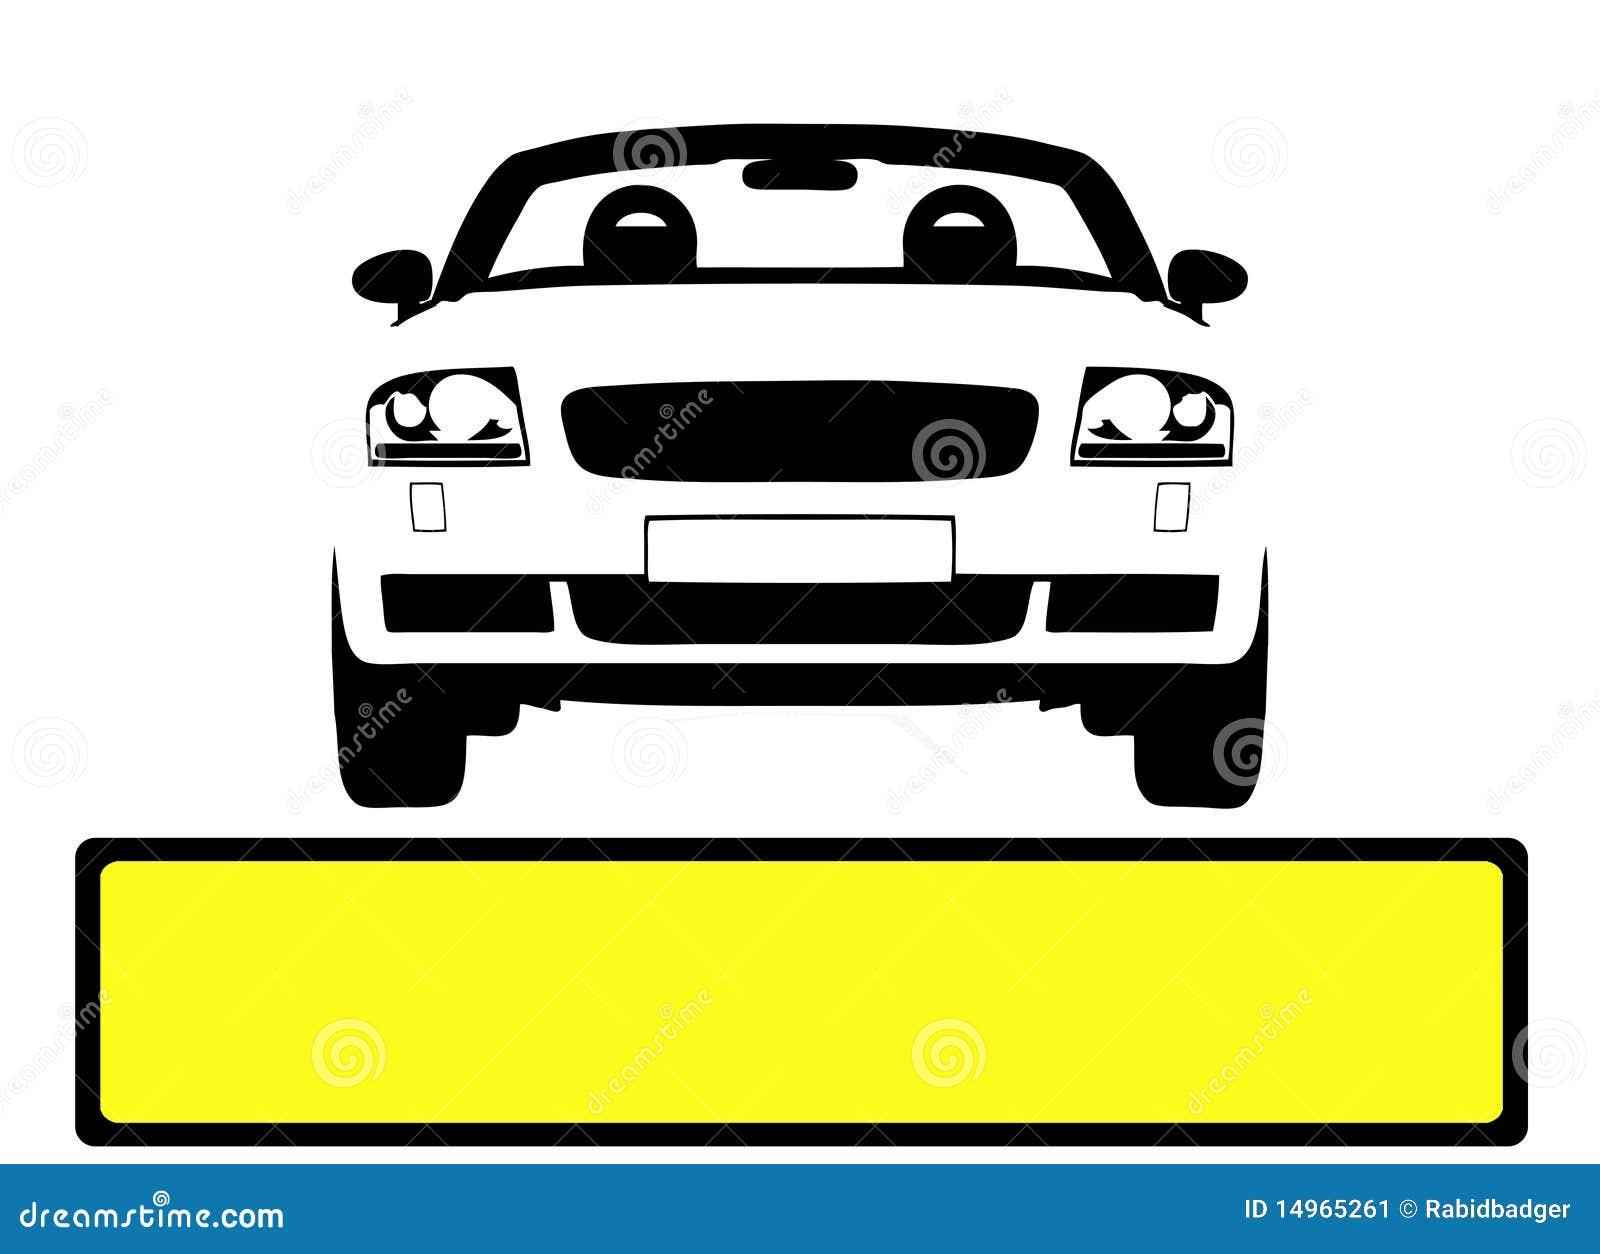 car licence plate stock image image 14965261. Black Bedroom Furniture Sets. Home Design Ideas